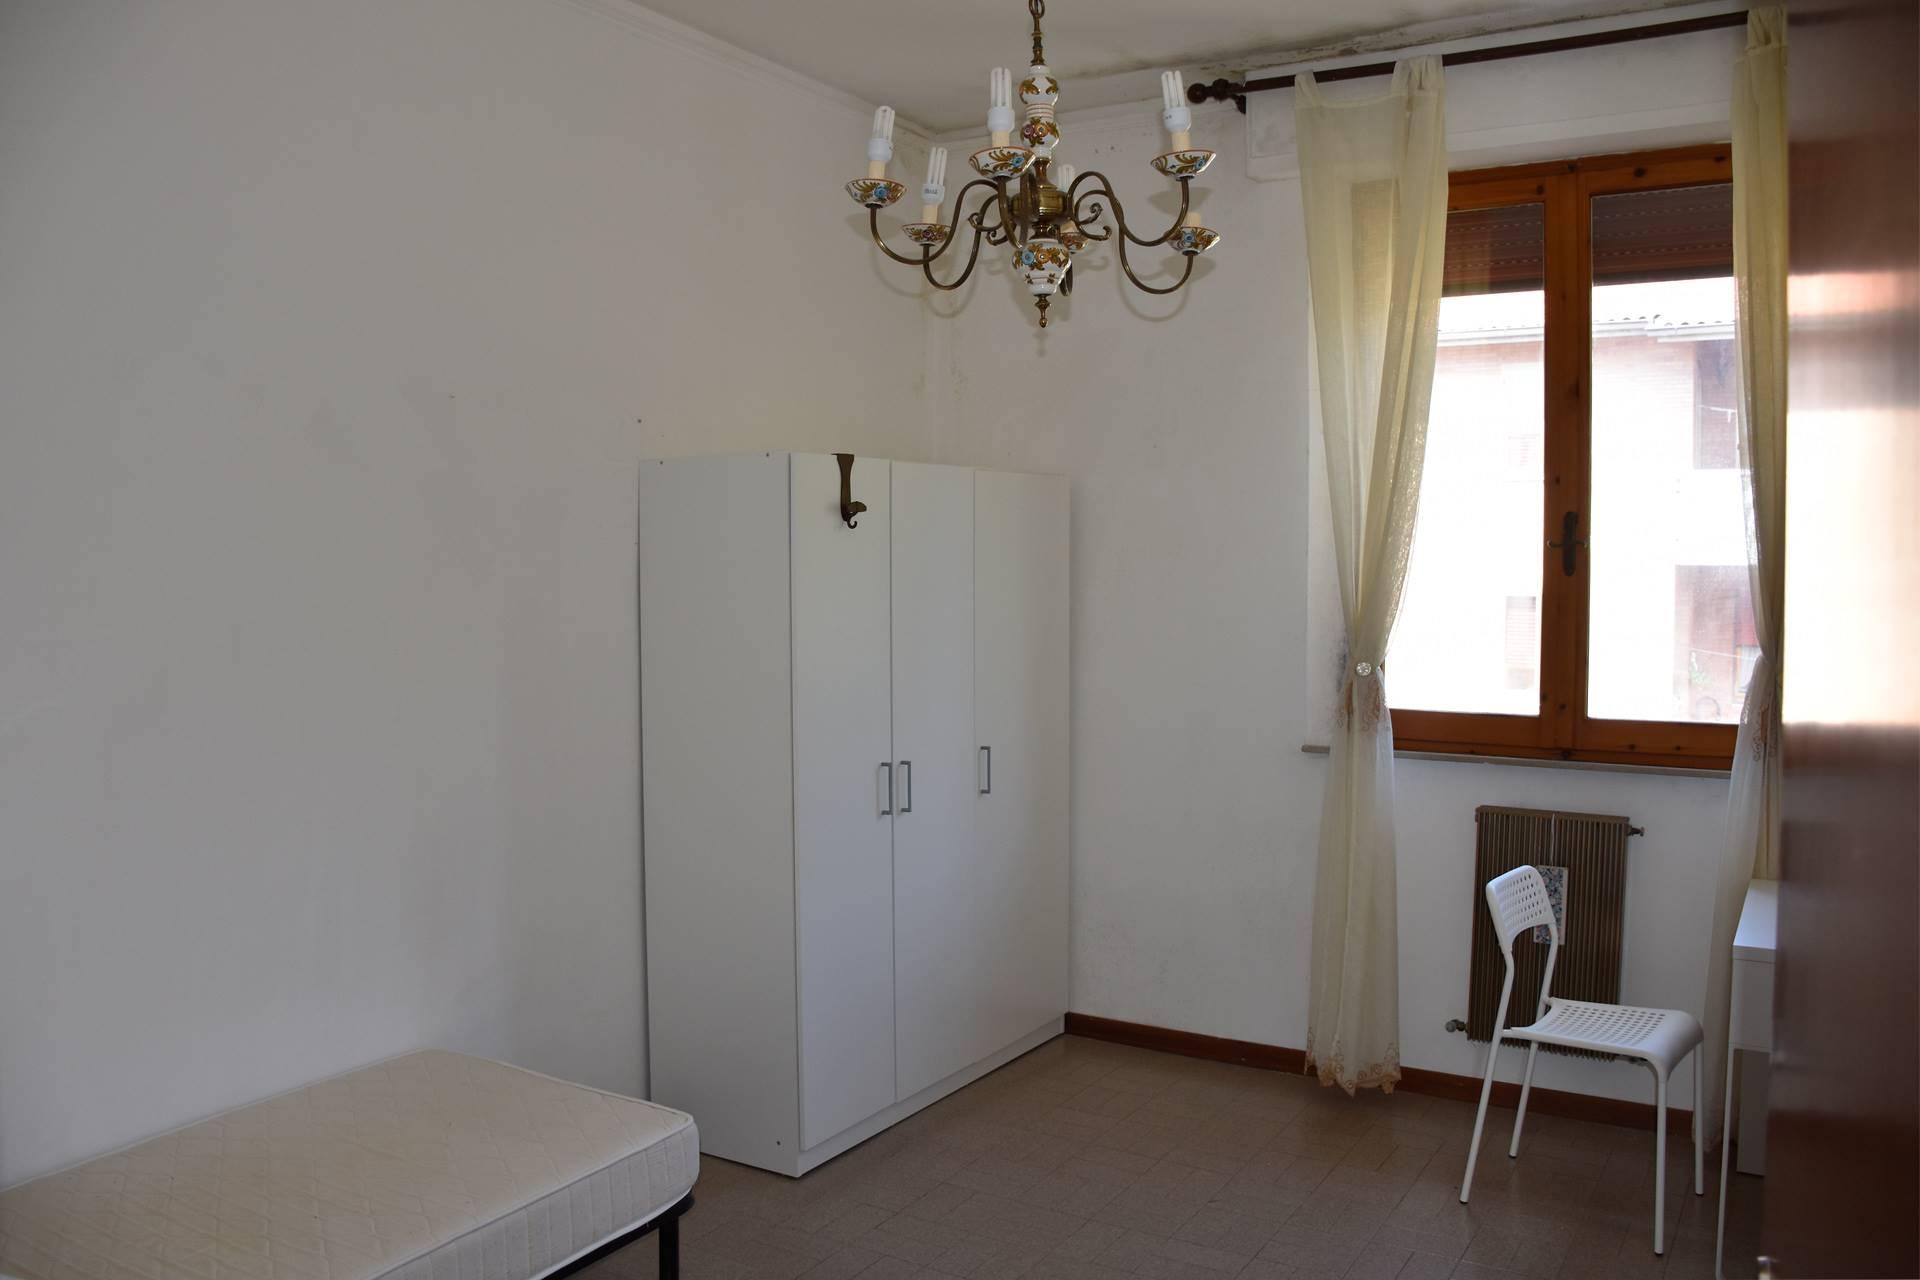 Appartamento con 3 camere da letto uso singola adatte alle esigente di studenti universitari, con in comune una cucina abitabile con balcone e doppi servizi, entrambi finestrati e con doccia.